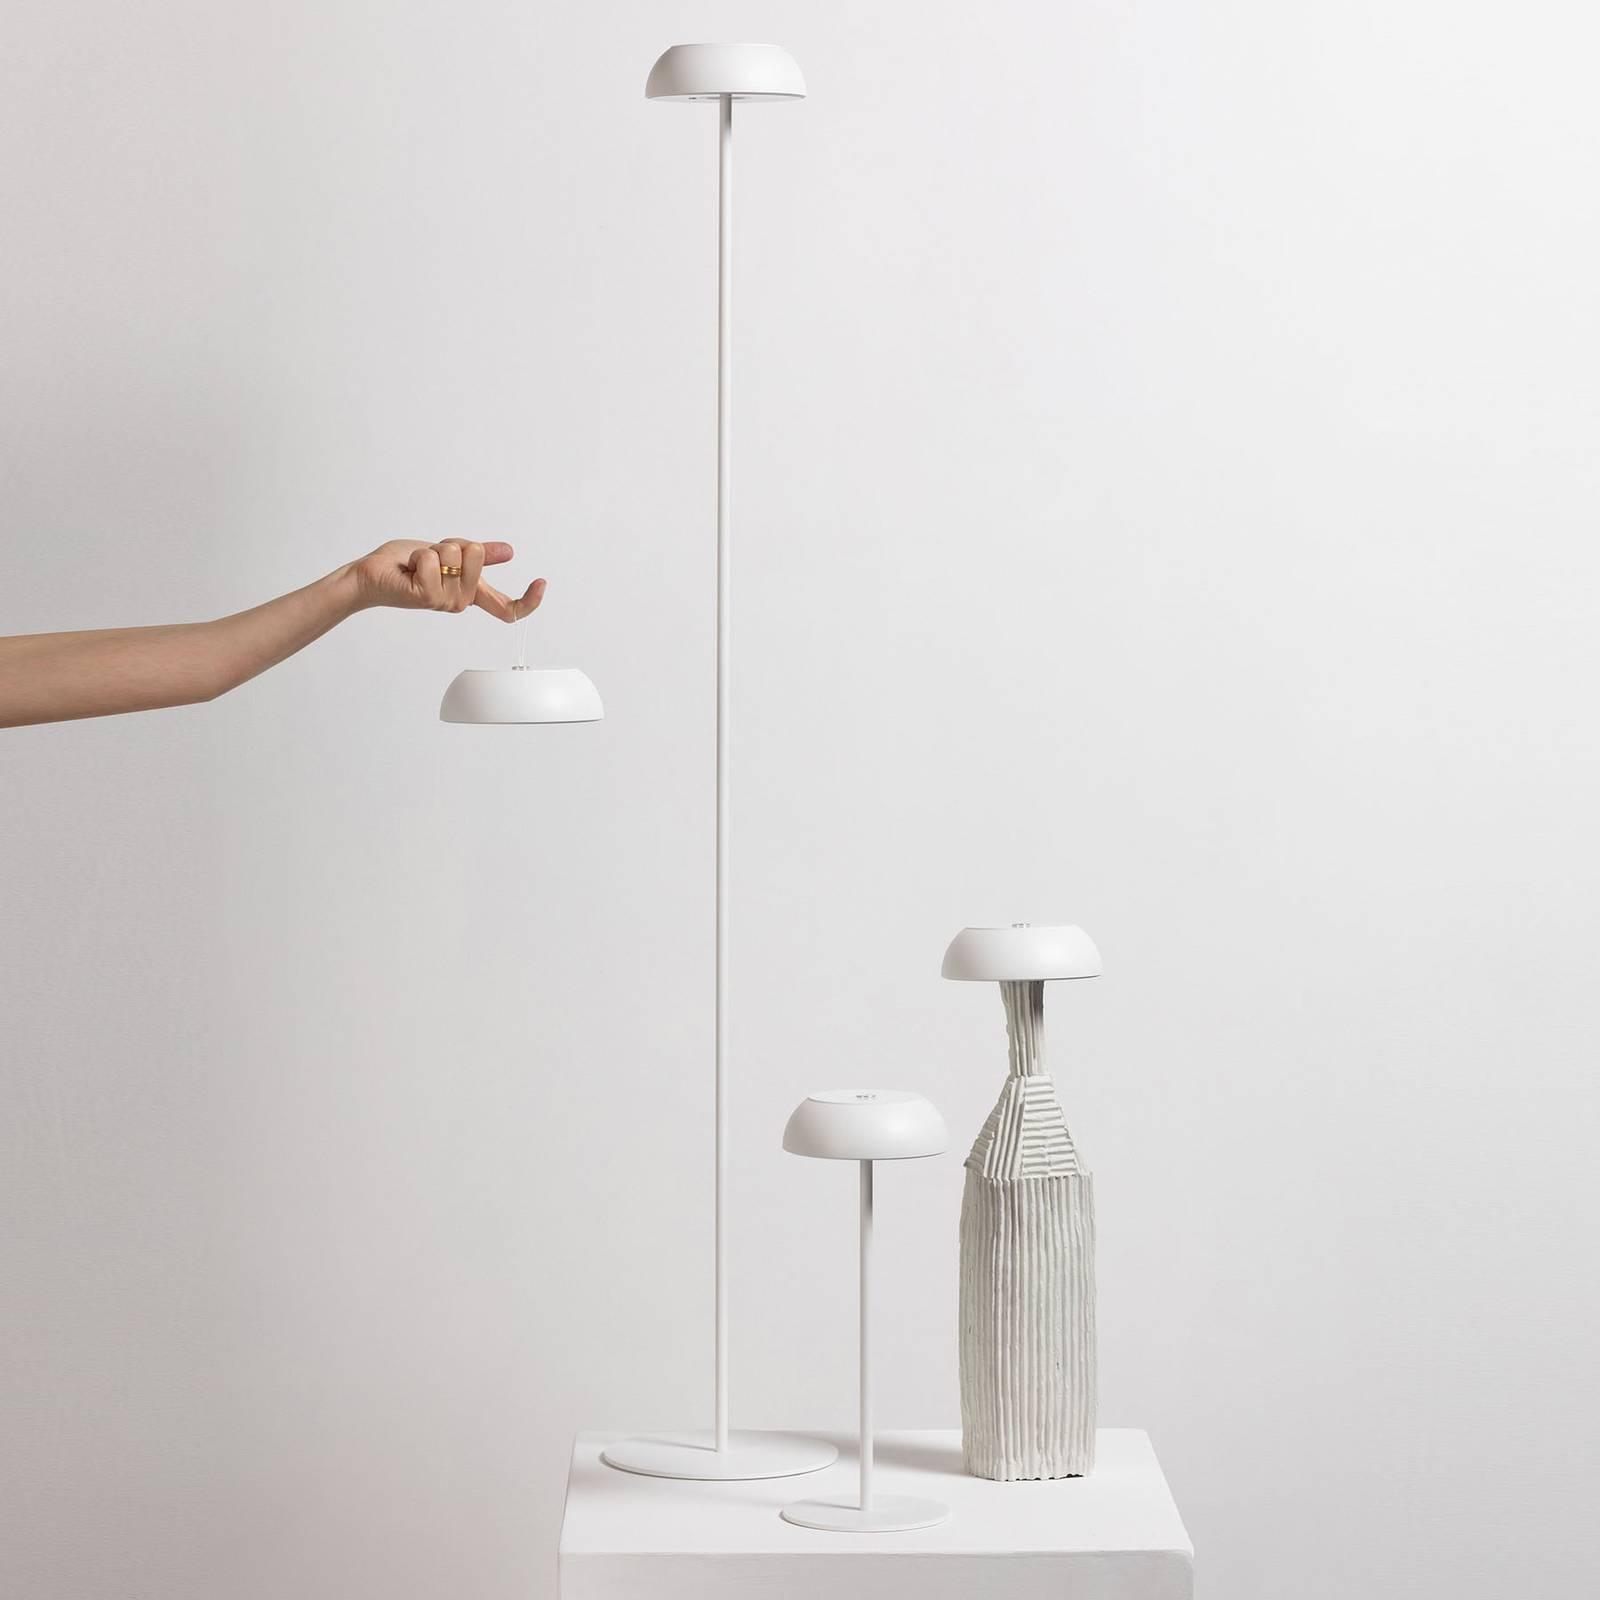 Axolight Float lampadaire de designer LED, blanc